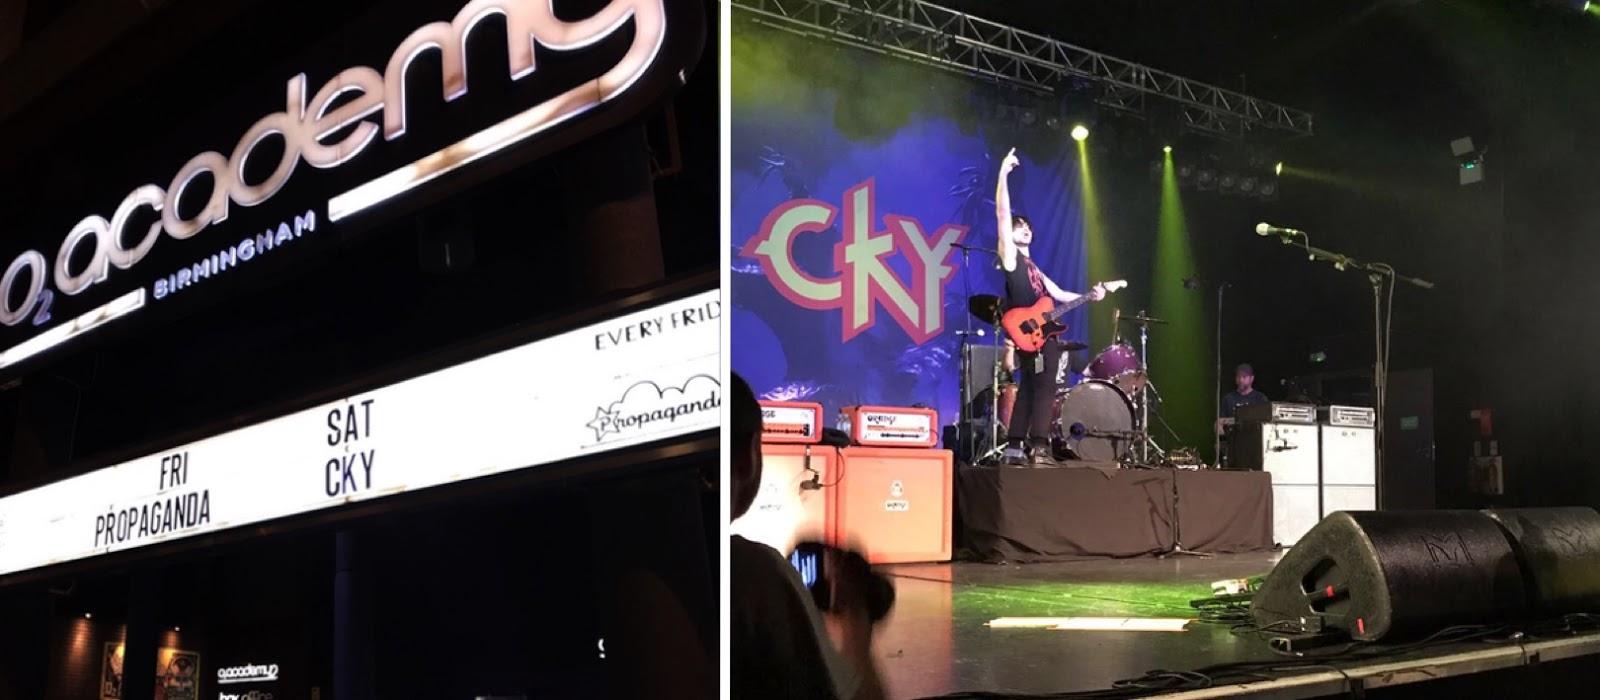 cky gig 2017